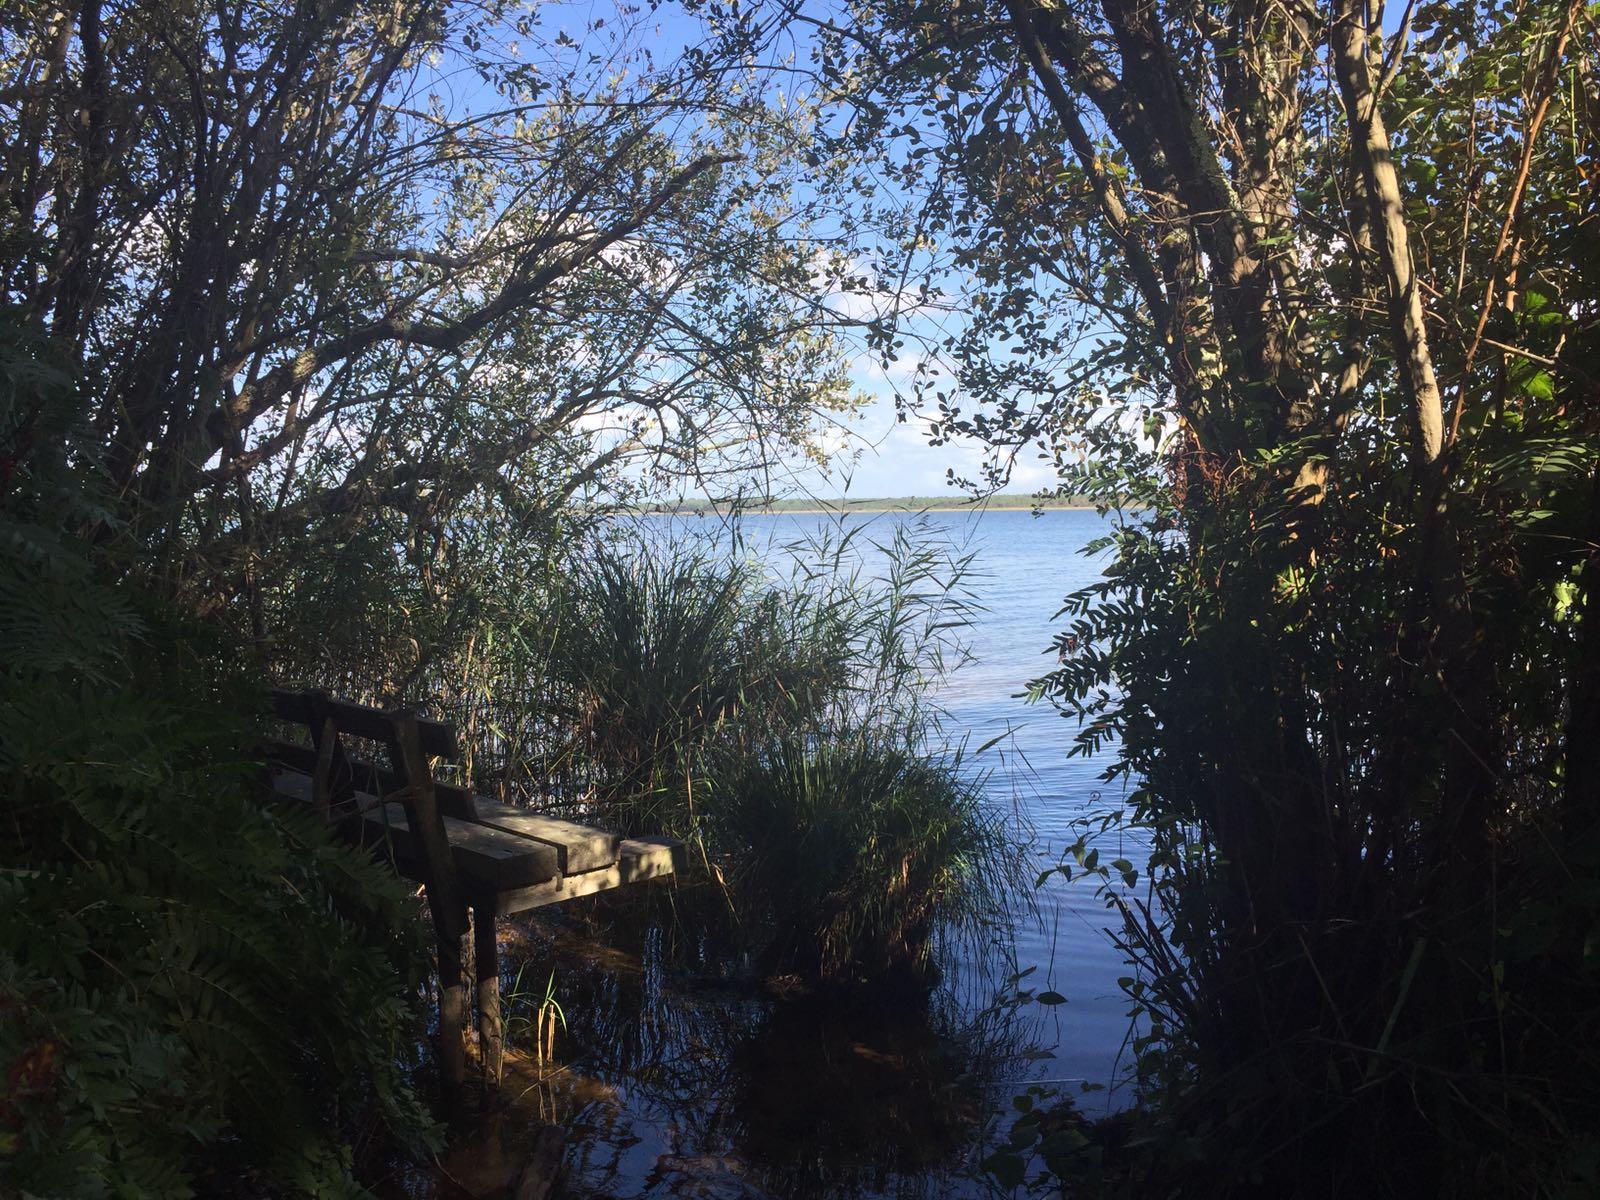 Un banc au bord du lac